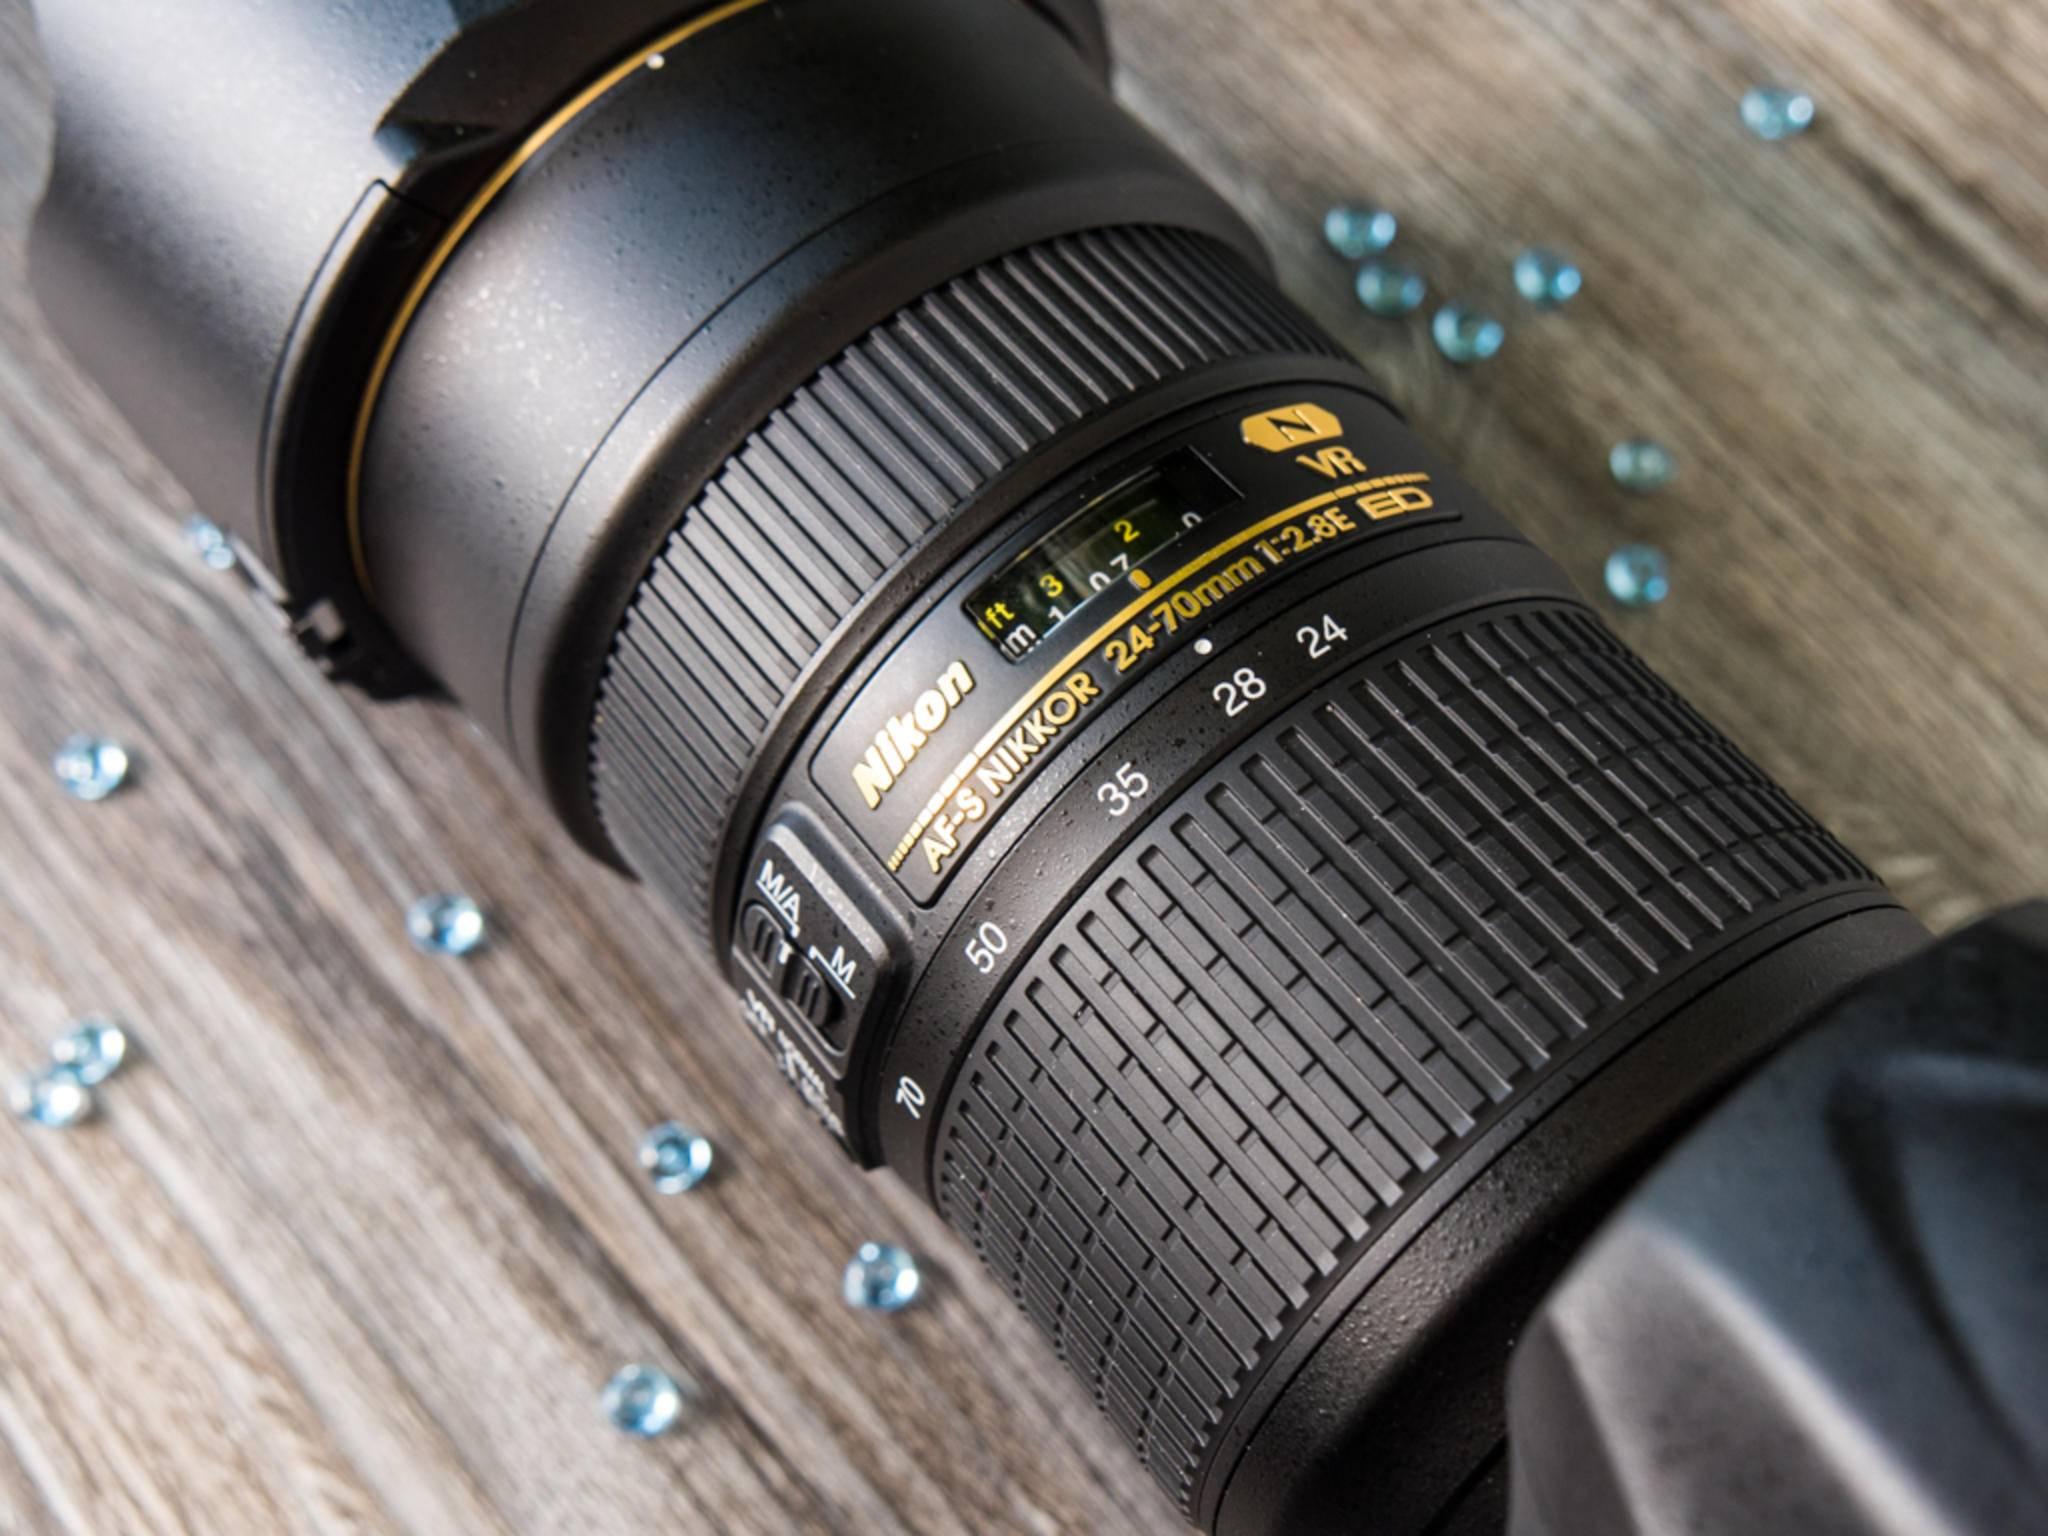 Das Kamera-Monster wurde mit einem 24-70 mm/f2.8-Objektiv getestet.